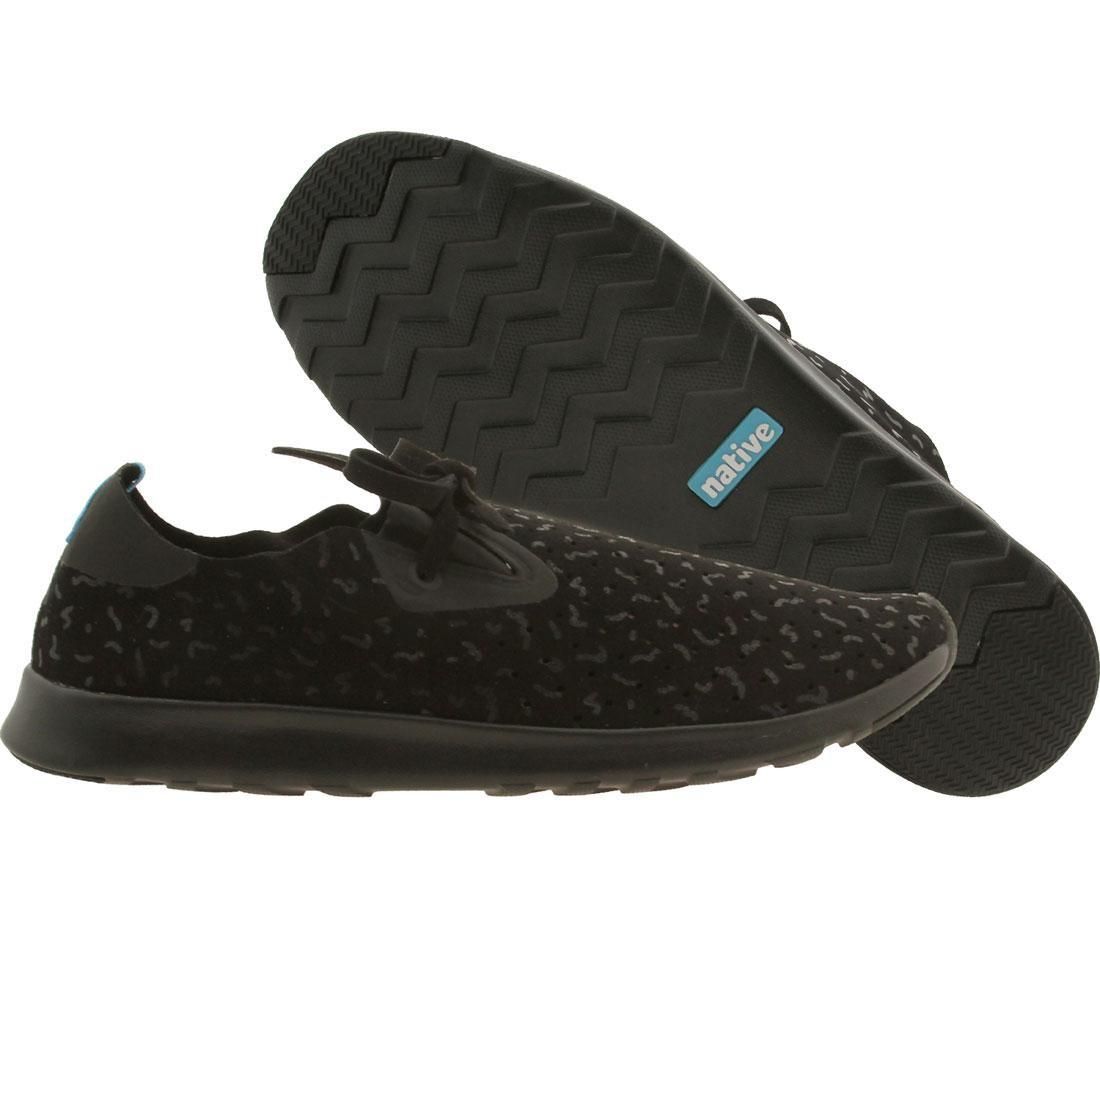 【海外限定】ネイティブ 靴 スニーカー 【 NATIVE MEN APOLLO MOC BLACK JIFFY BIOTIC 】